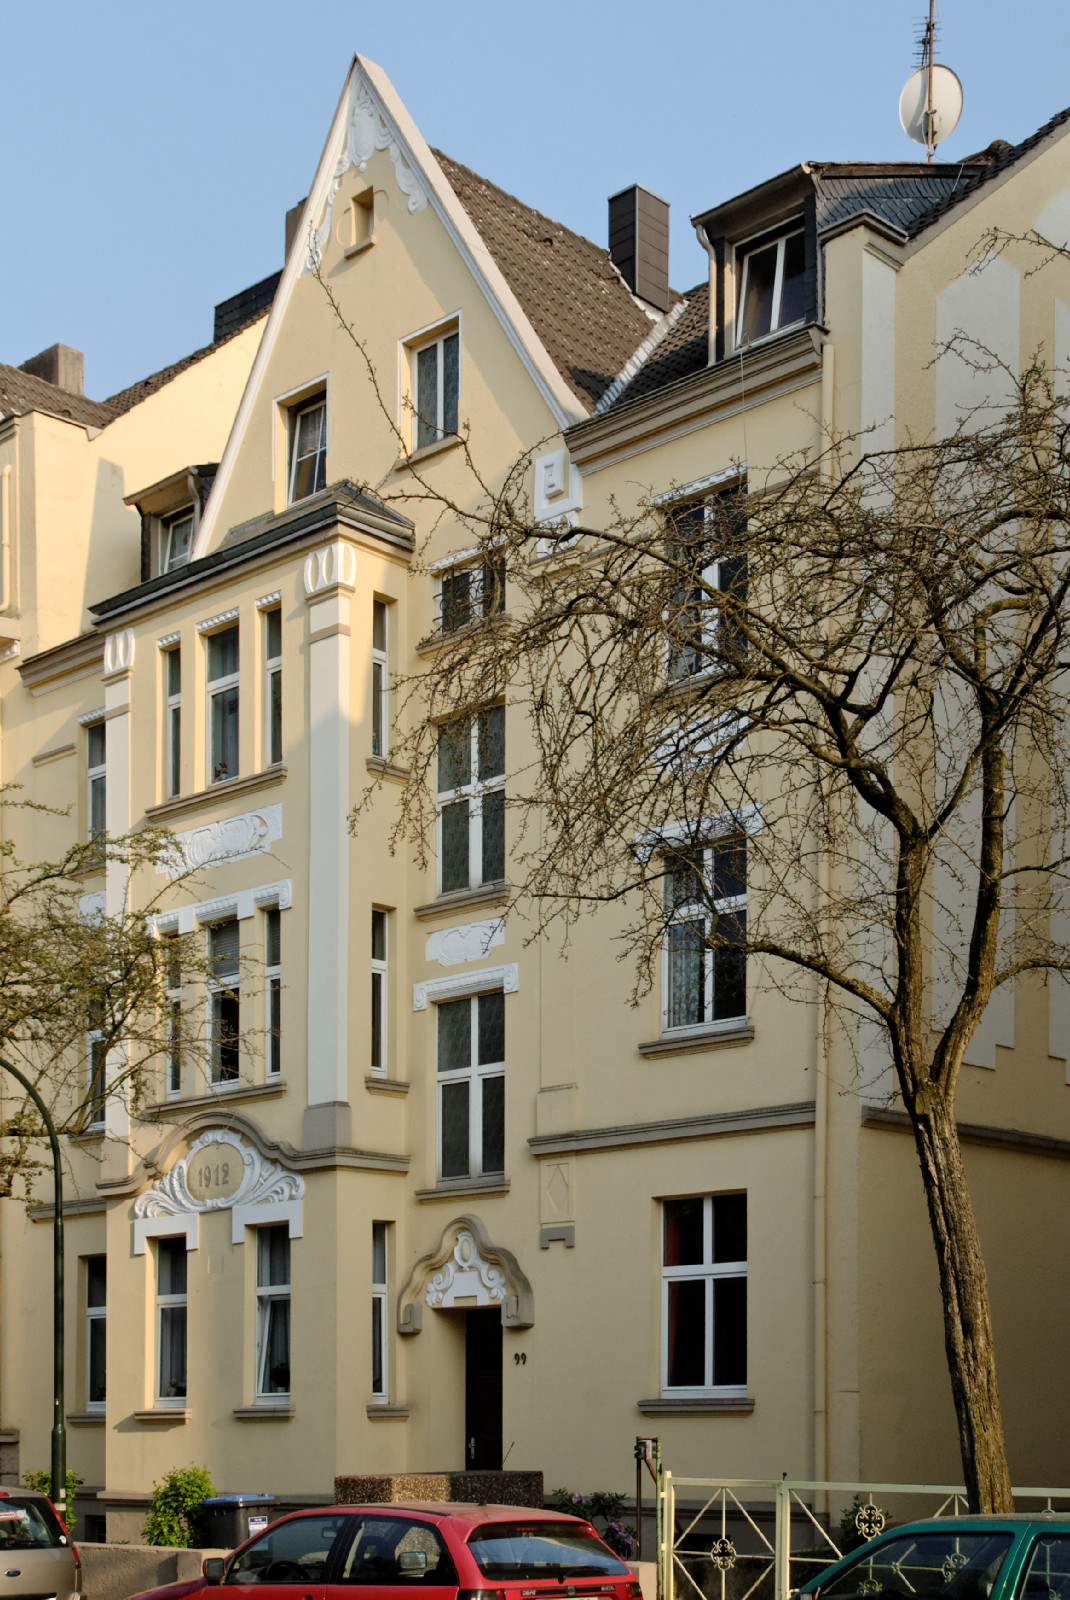 Küchenstudio Düsseldorf Benrath ~ datei haus marbacher strasse 97 in duesseldorf benrath, von nordwesten jpg u2013 wikipedia